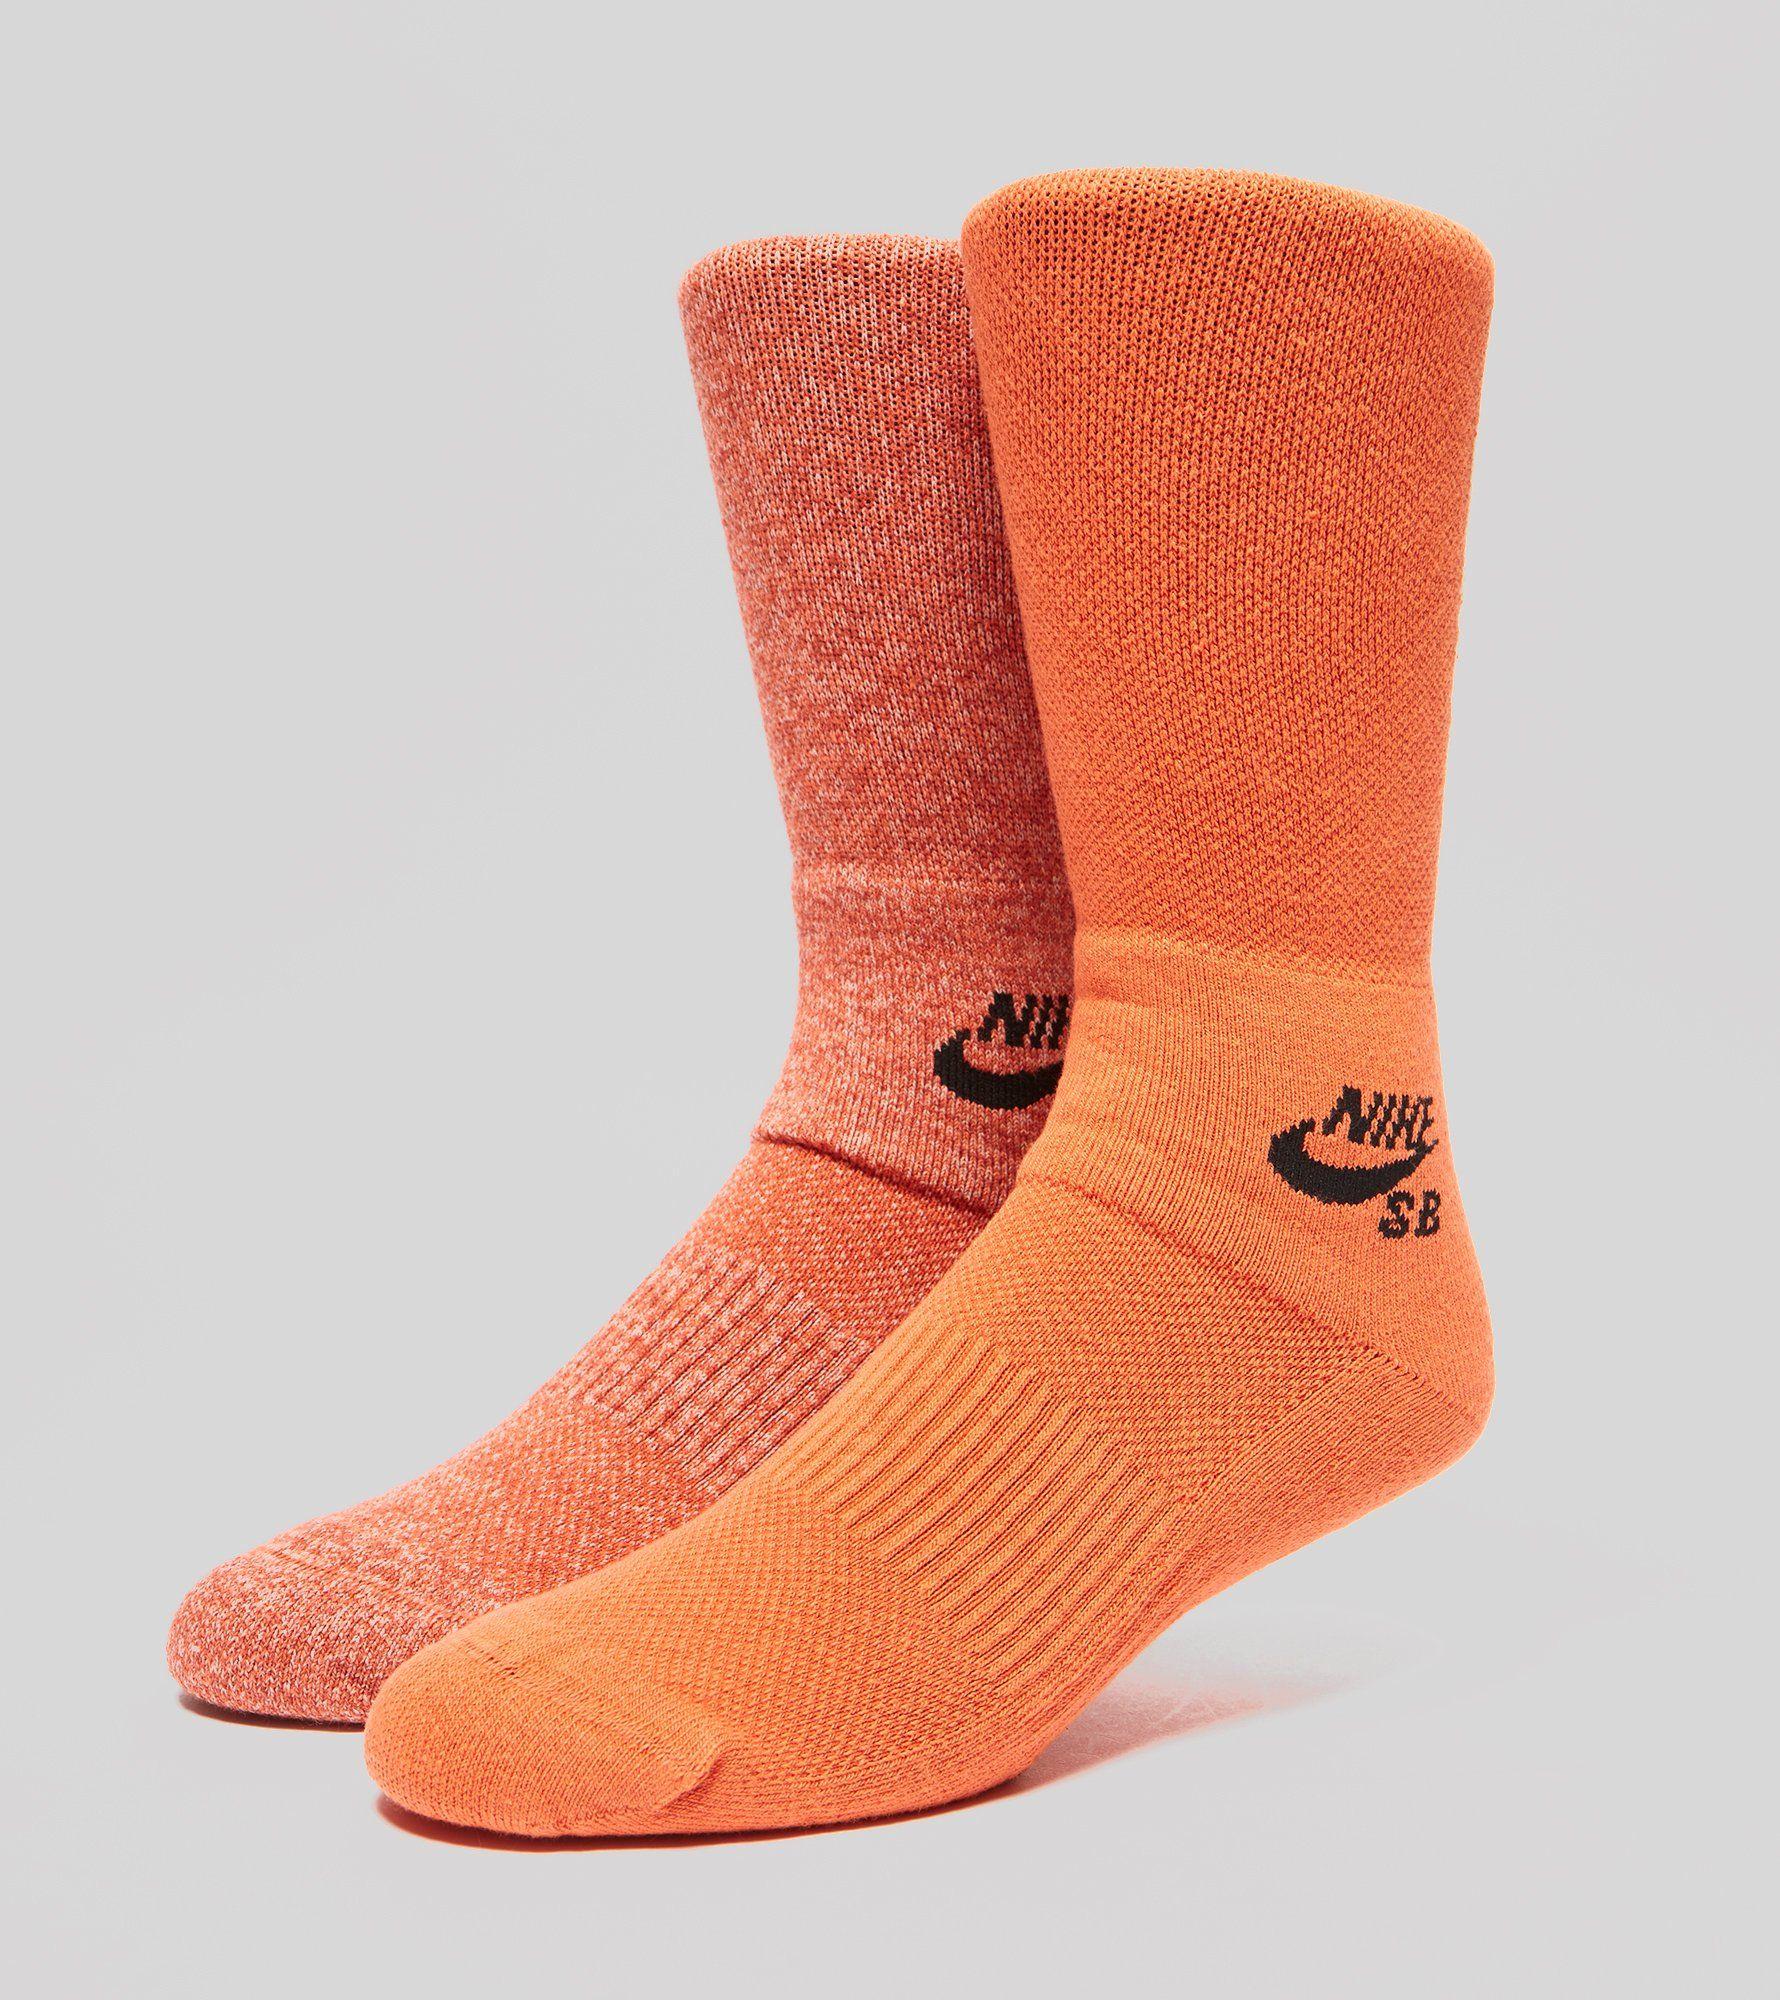 Nike SB Graph Skateboarding Socks - 2 Pack